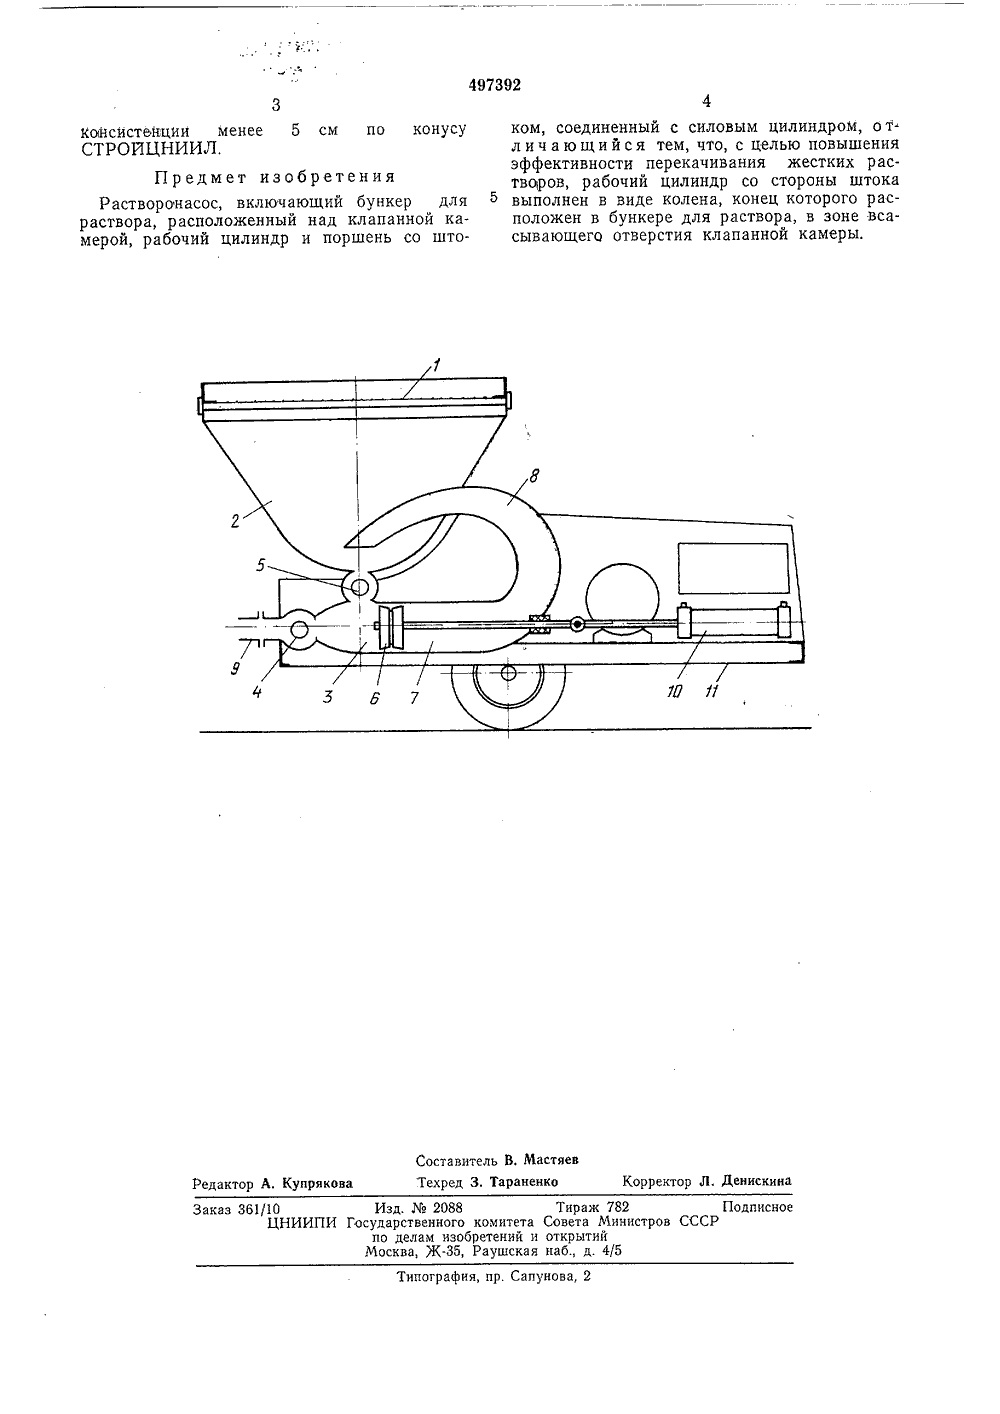 схема растворонасоса со-49с